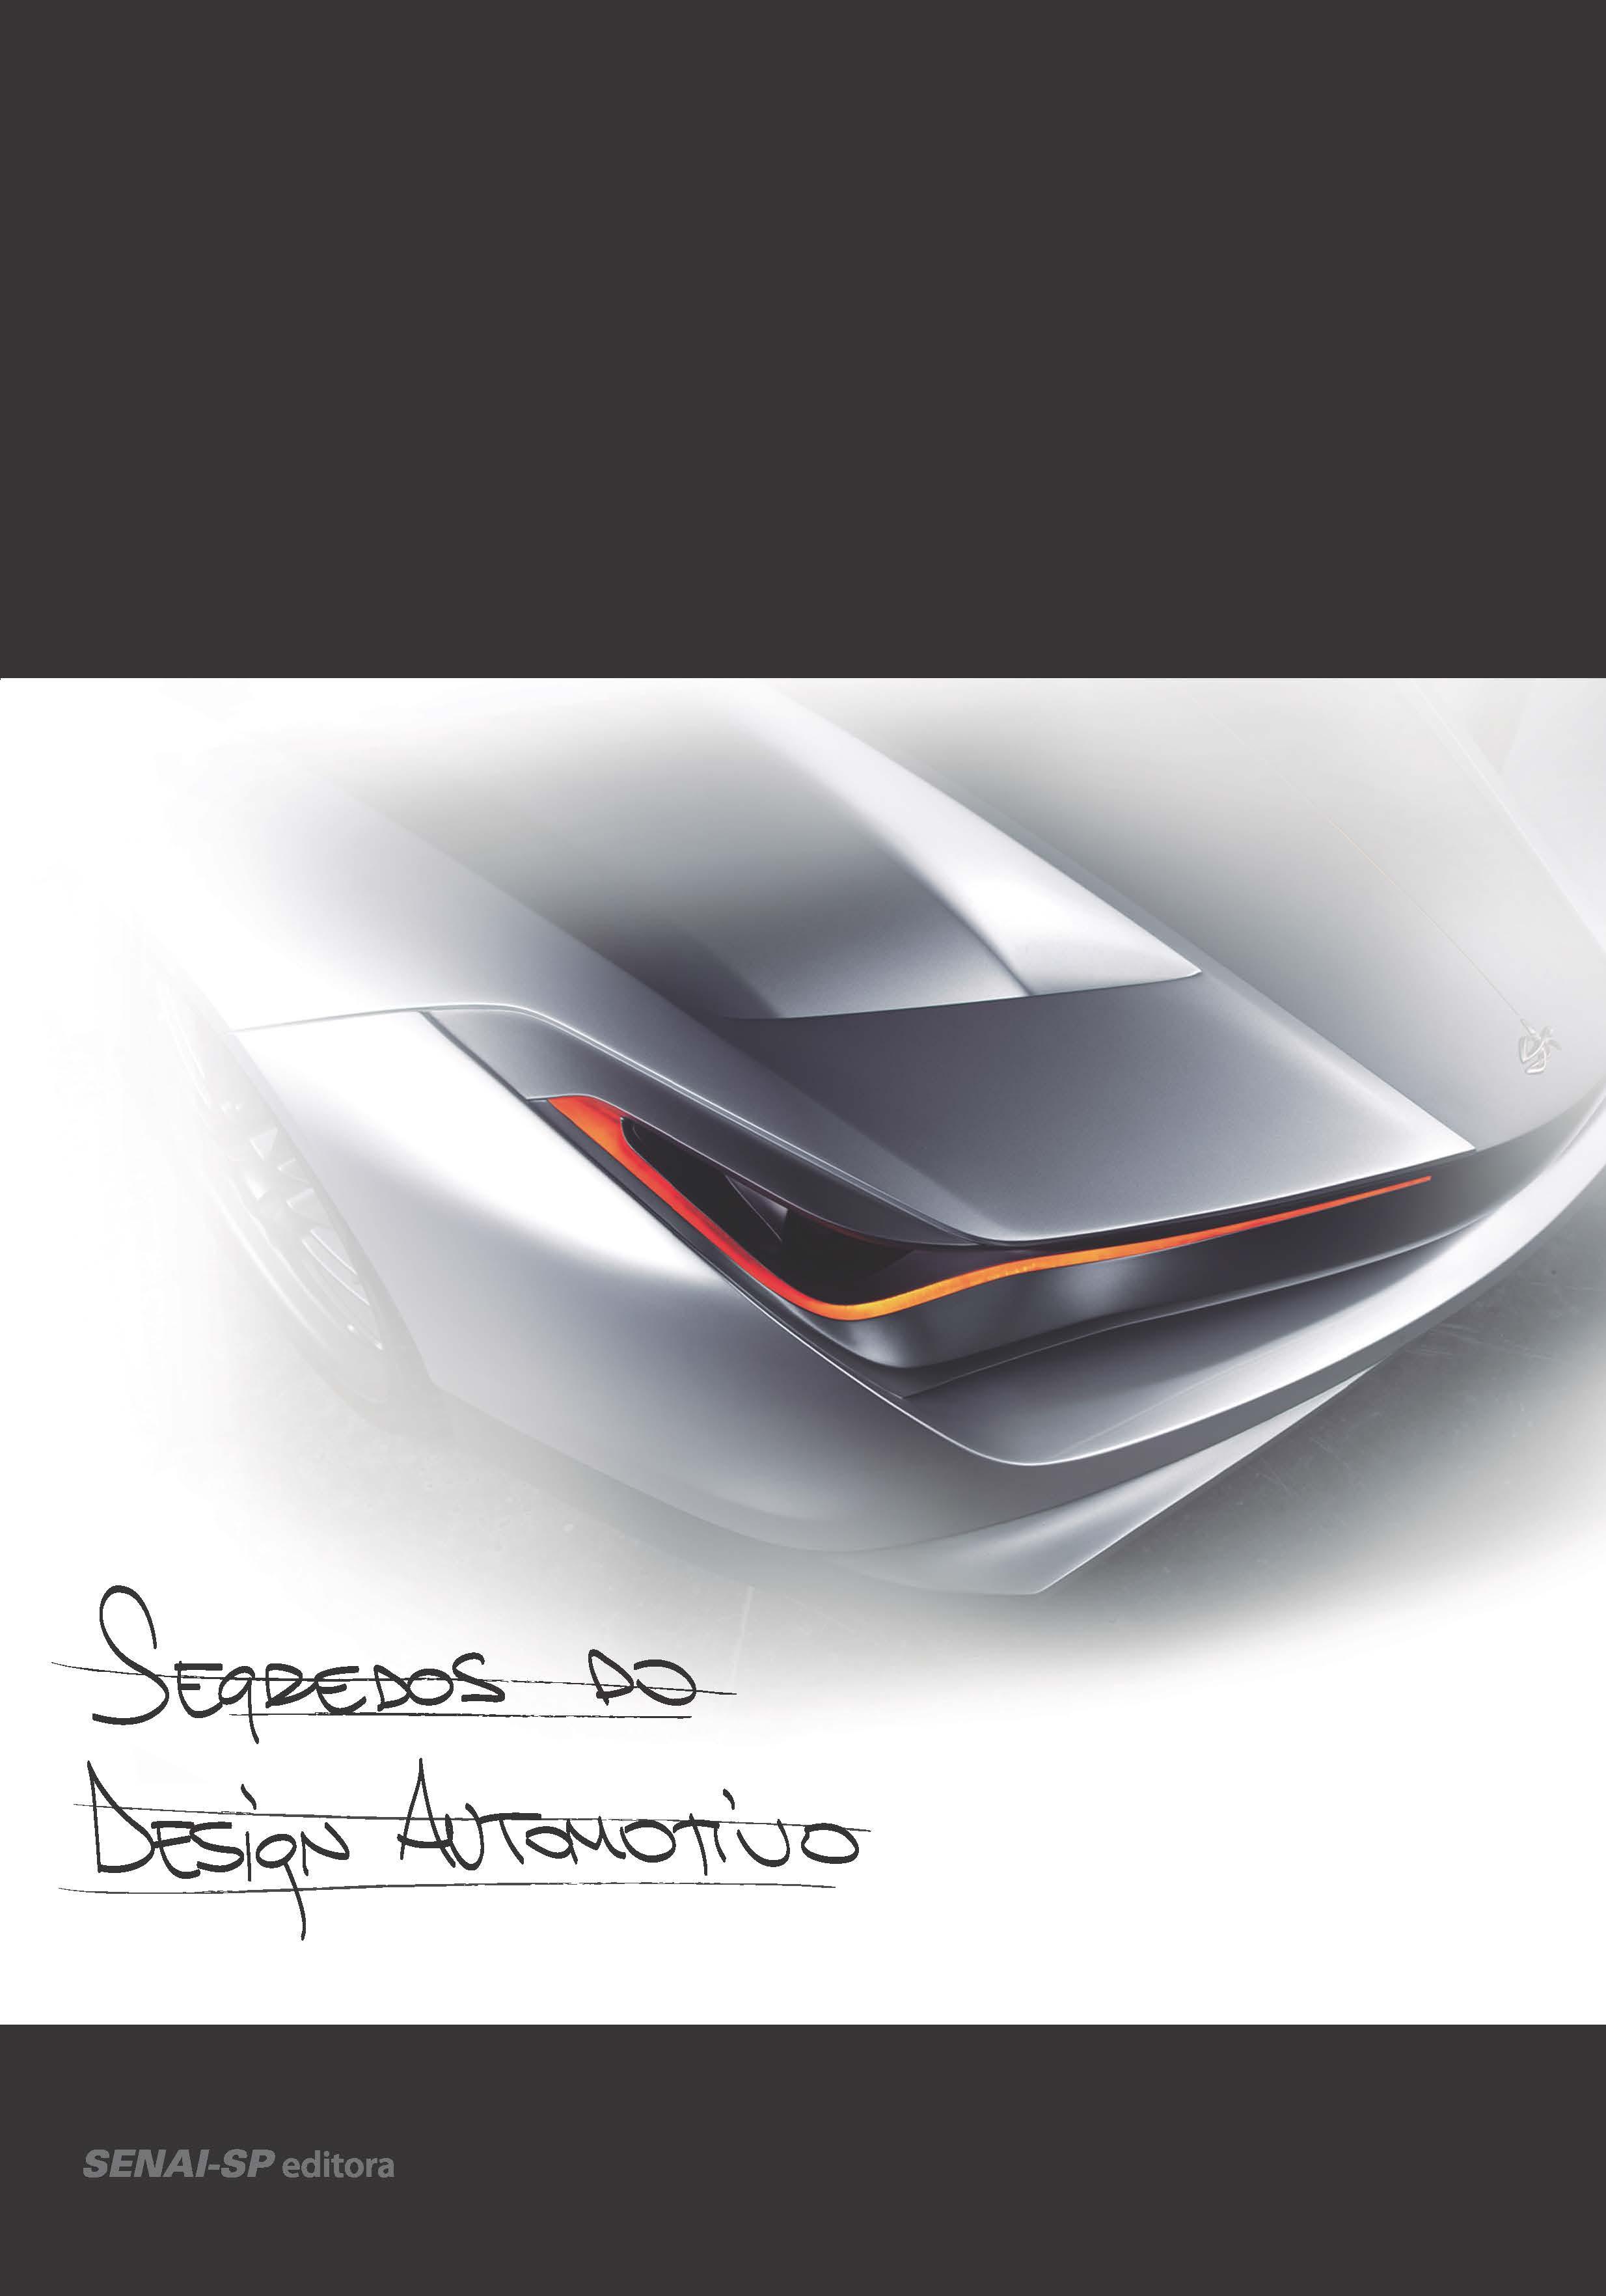 Segredos_do_design_automotivo_capa.jpg